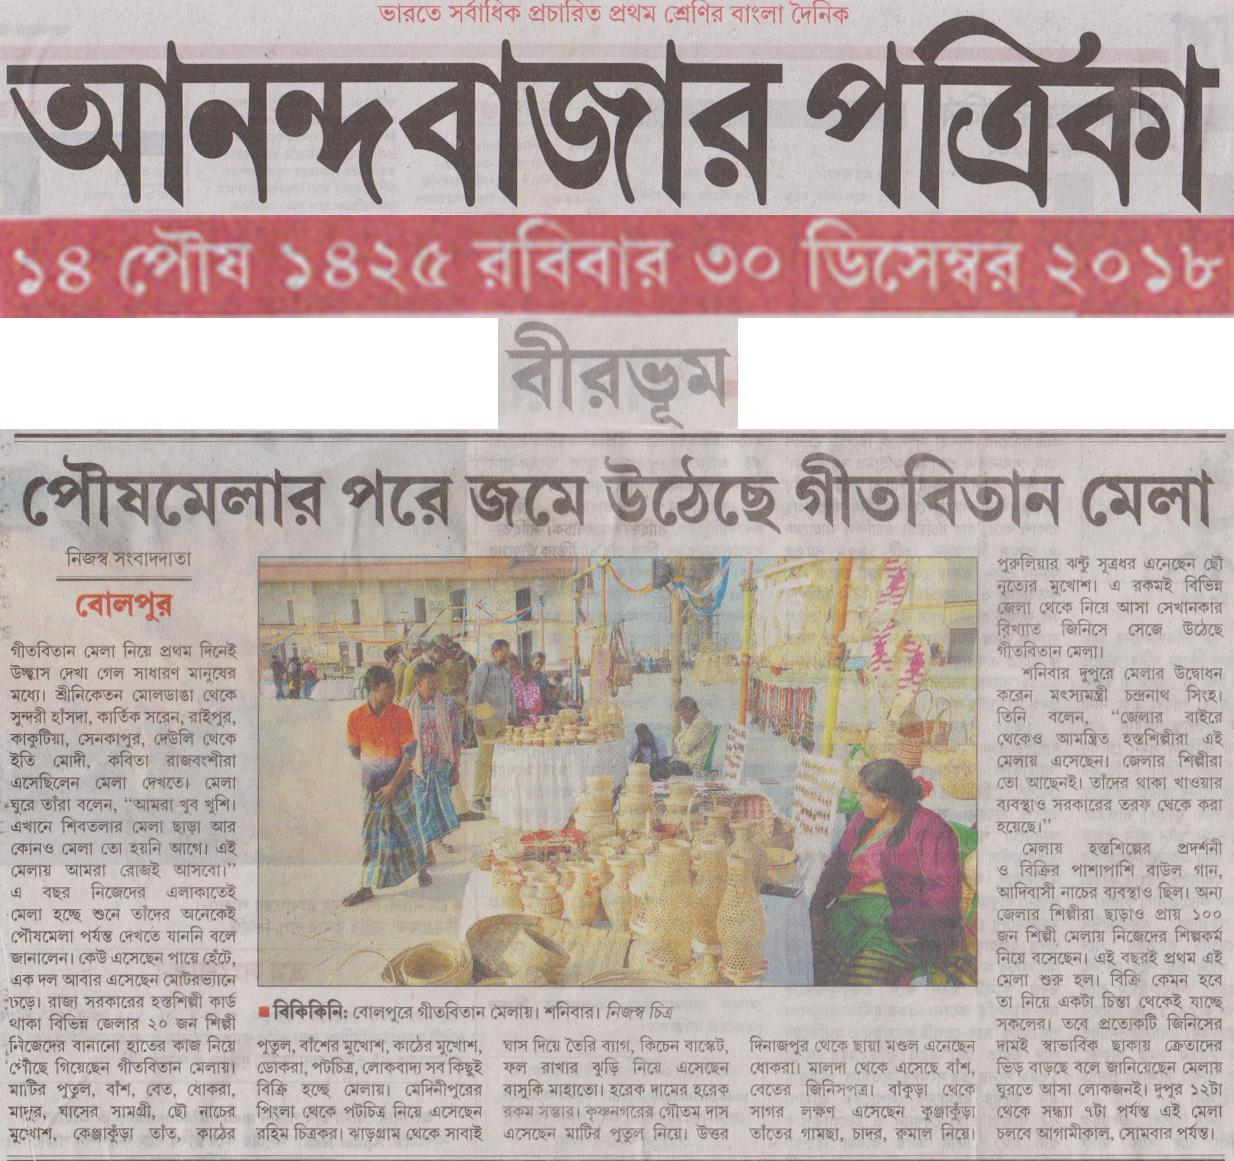 News clippings of Gitabitan Mela_ABP 30 December 2018